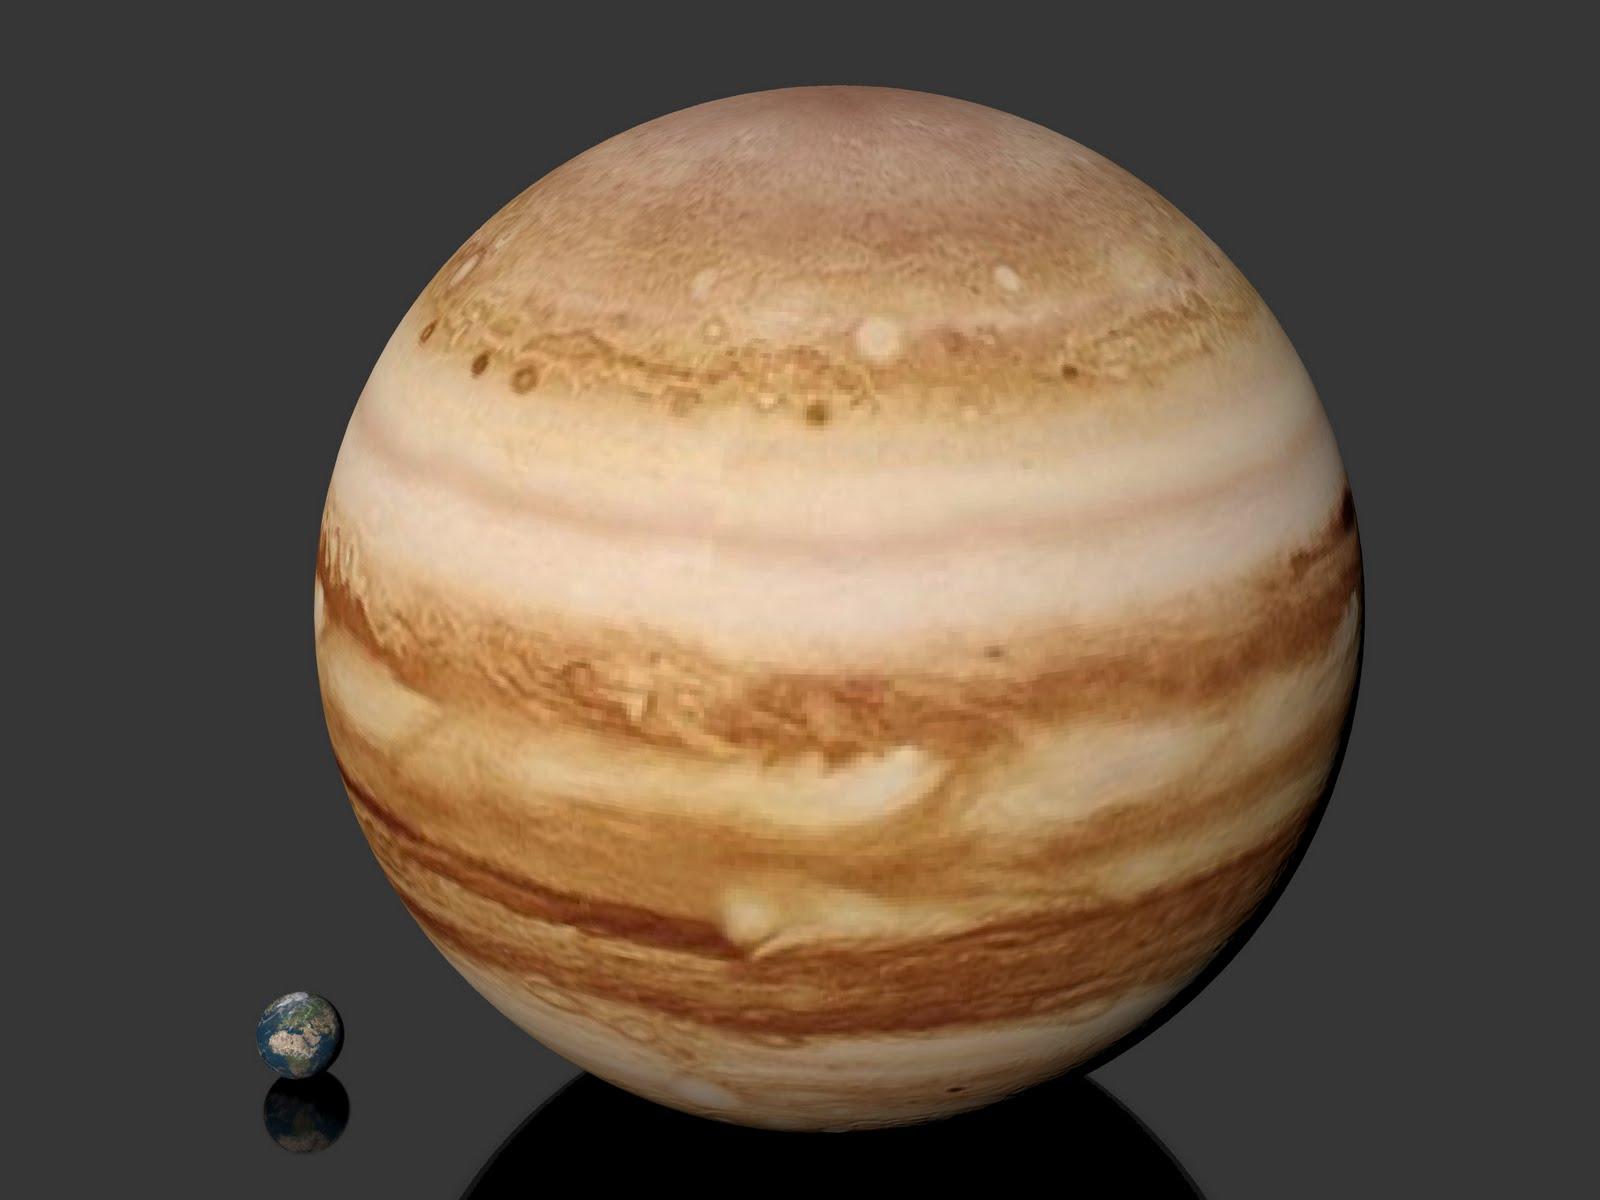 planet jupiter color - HD1600×1200